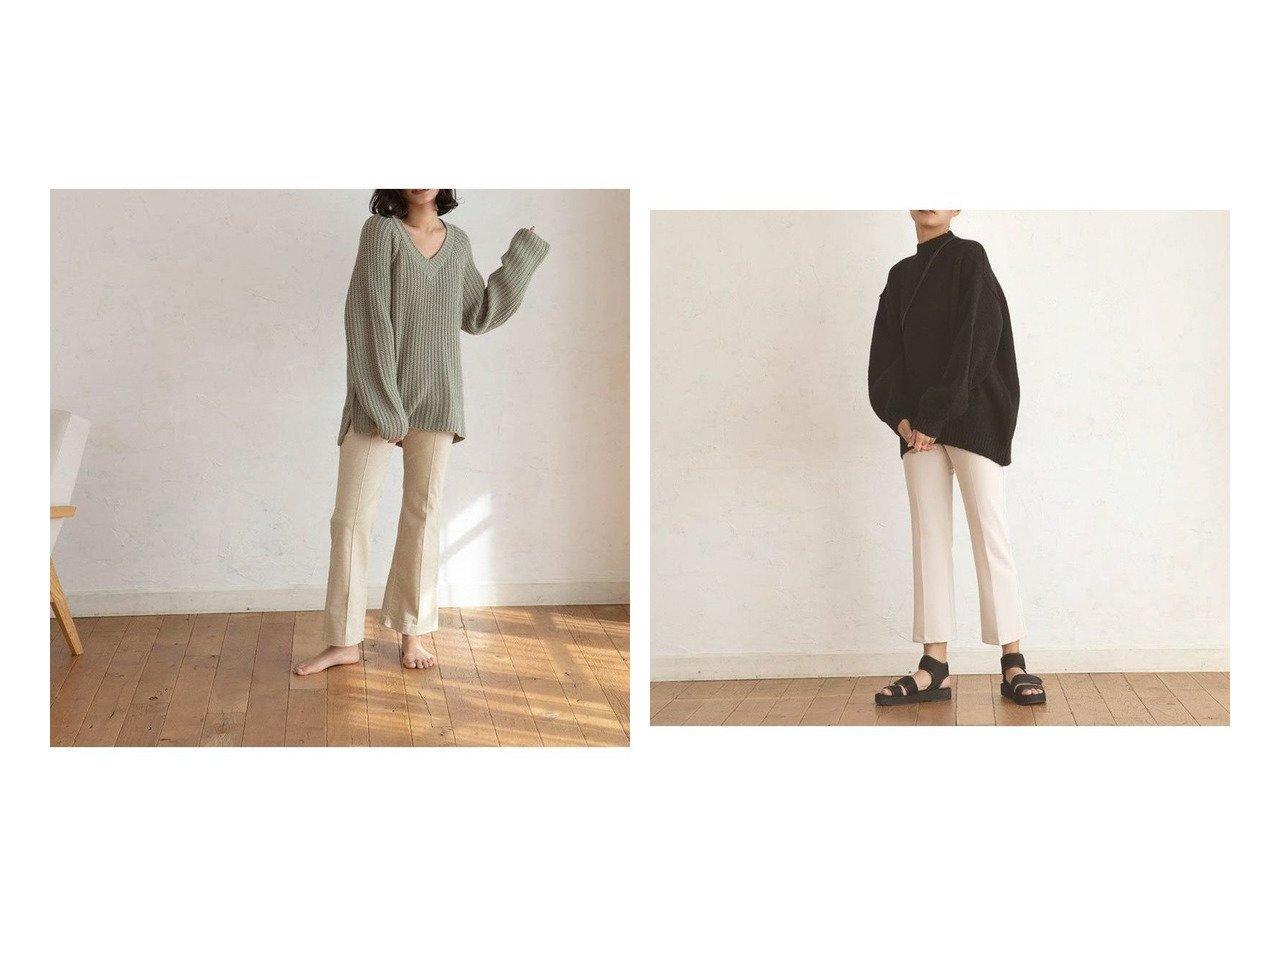 【marjour/マージュール】のネイチャーカラーニット NATURE COLOR KNIT&ウールブレンドニット WOOL BLEND KNIT マージュールのおすすめ!人気、トレンド・レディースファッションの通販 おすすめで人気の流行・トレンド、ファッションの通販商品 メンズファッション・キッズファッション・インテリア・家具・レディースファッション・服の通販 founy(ファニー) https://founy.com/ ファッション Fashion レディースファッション WOMEN トップス カットソー Tops Tshirt ニット Knit Tops おすすめ Recommend インナー カットソー キャミソール スプリング ダウン ボトム 冬 Winter 春 Spring スタンド バルーン マニッシュ  ID:crp329100000021582